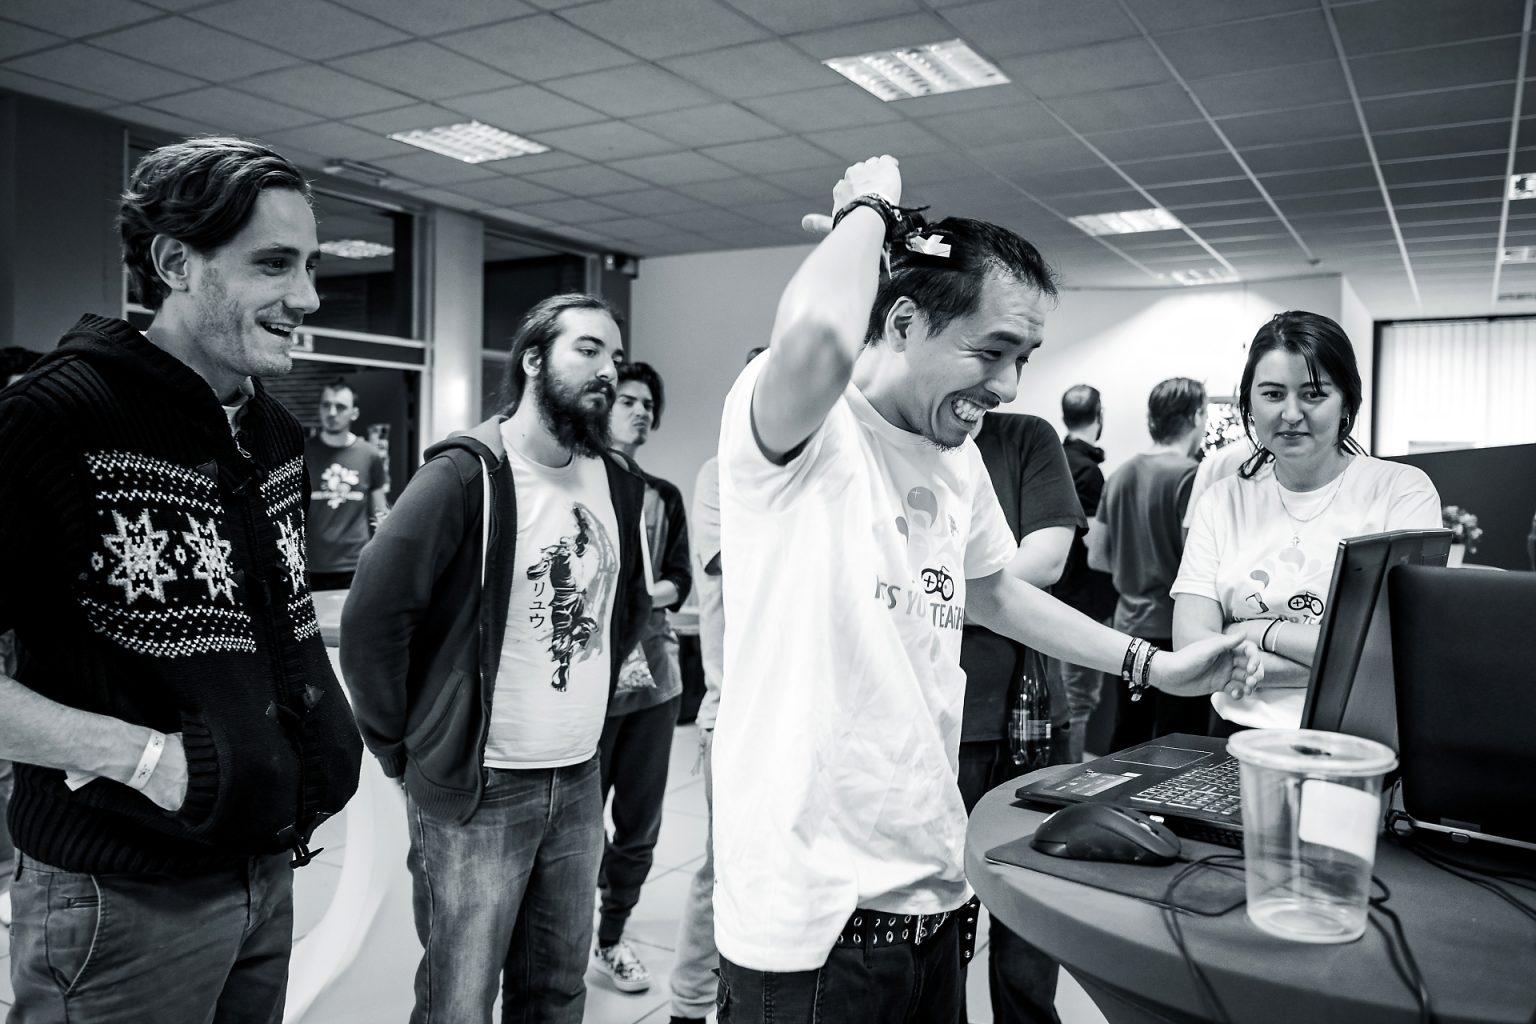 Les participants au KYT5 testent les jeux créés au terme des 48 heures de développement, Kiss You Teacher Game Jam, reportage par Aurore Delsoir photographe événementiel